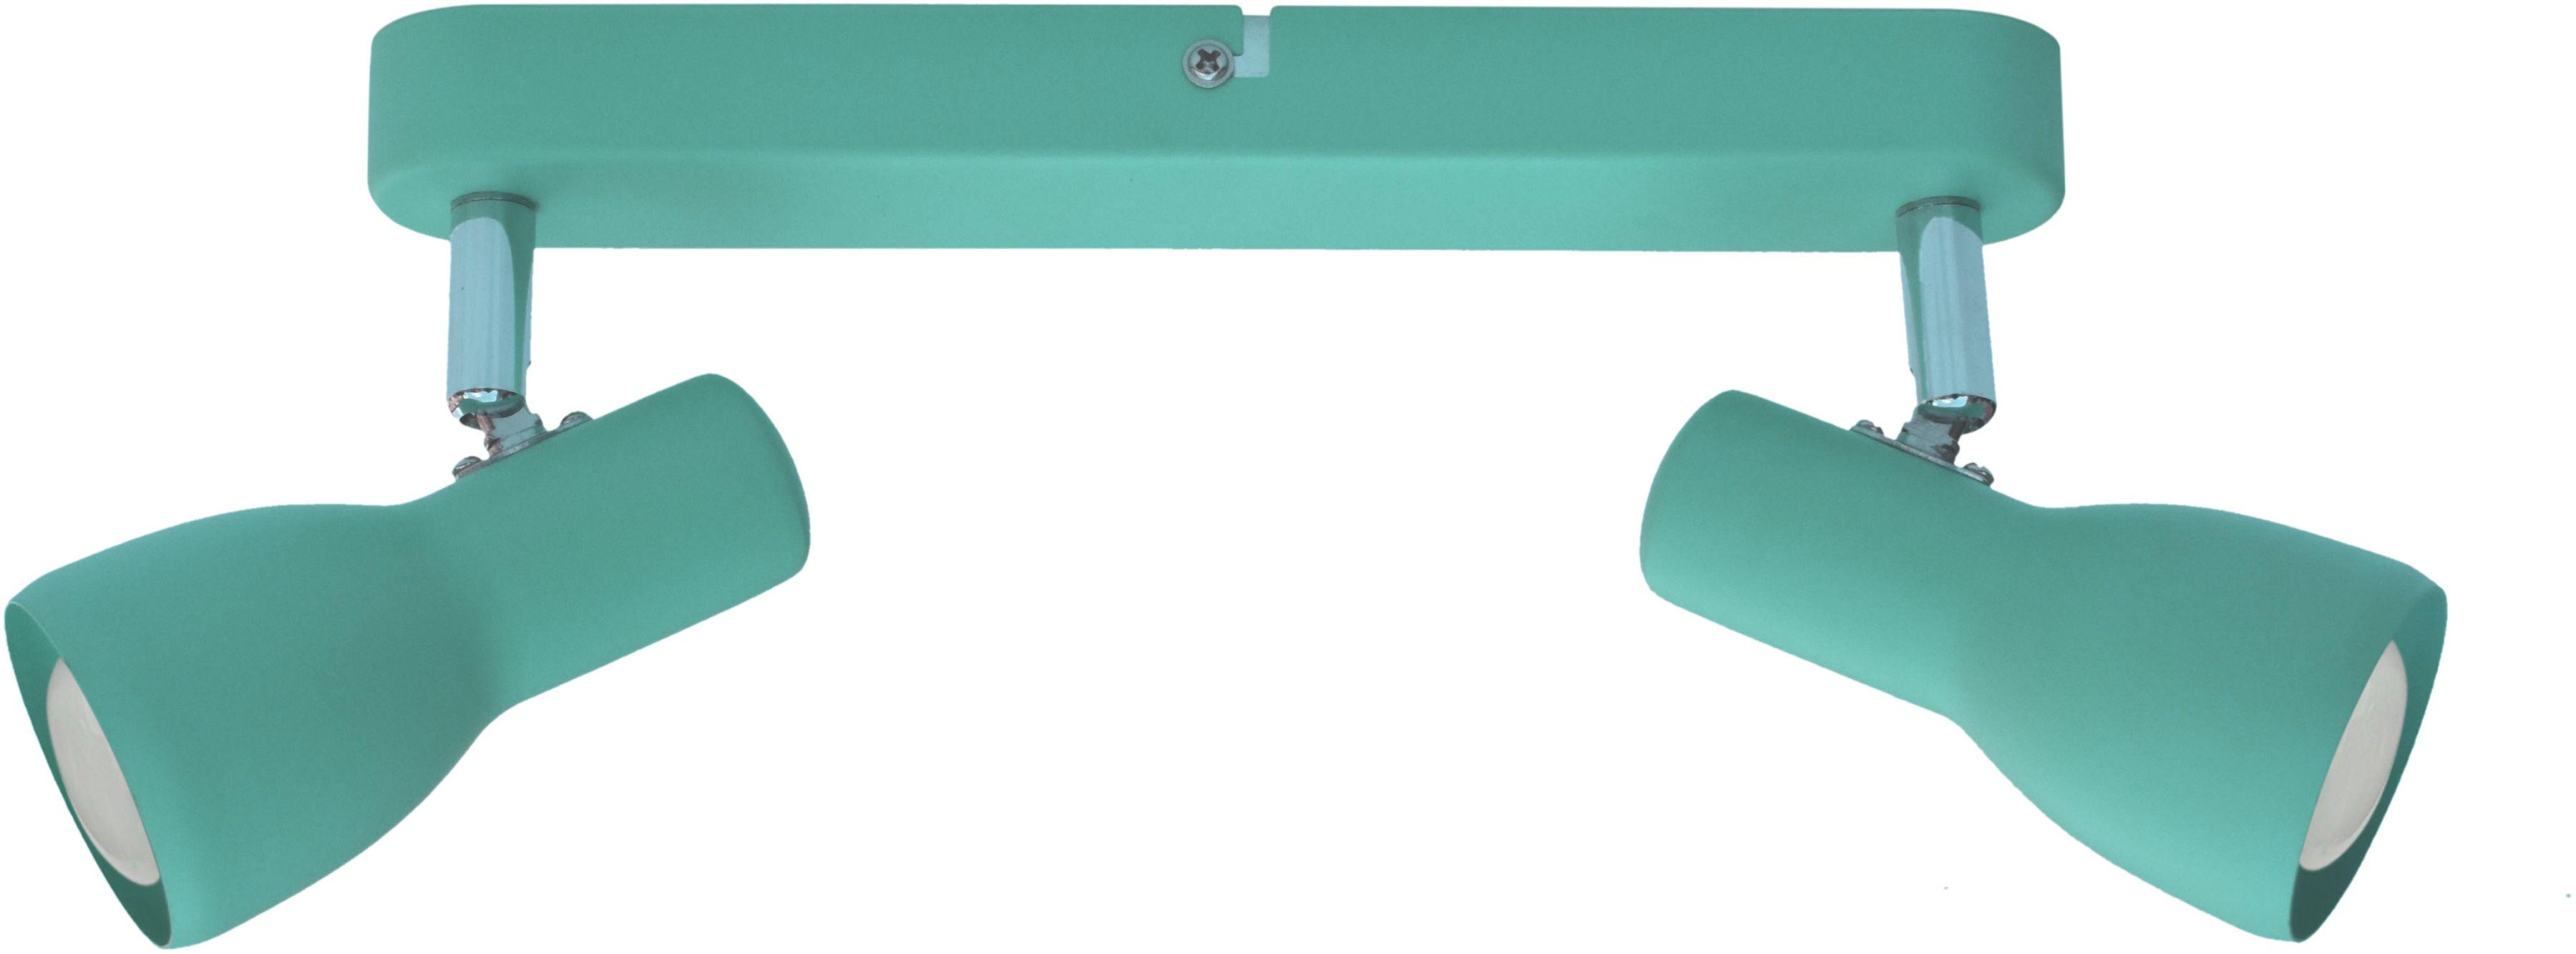 Candellux PICARDO 92-50595 oprawa oświetleniowa miętowy stalowy klosz 2X40W E14 36cm